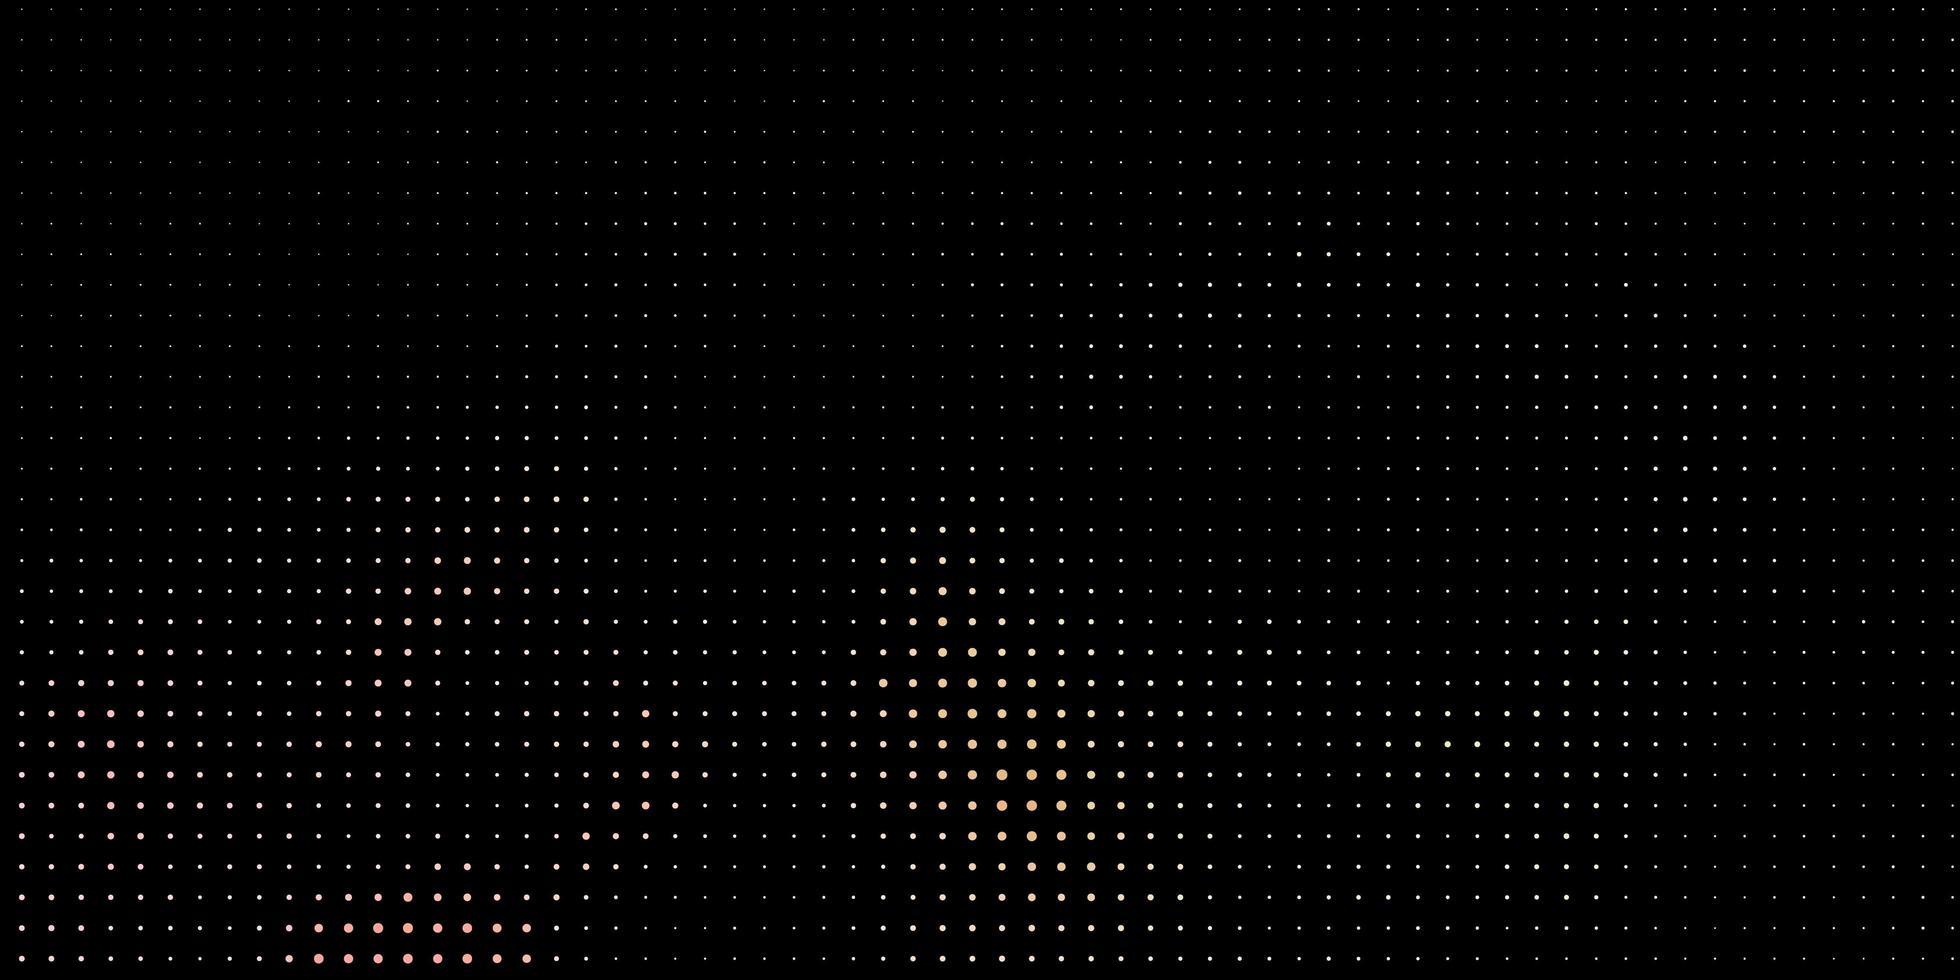 svart bakgrund med gula prickar. vektor